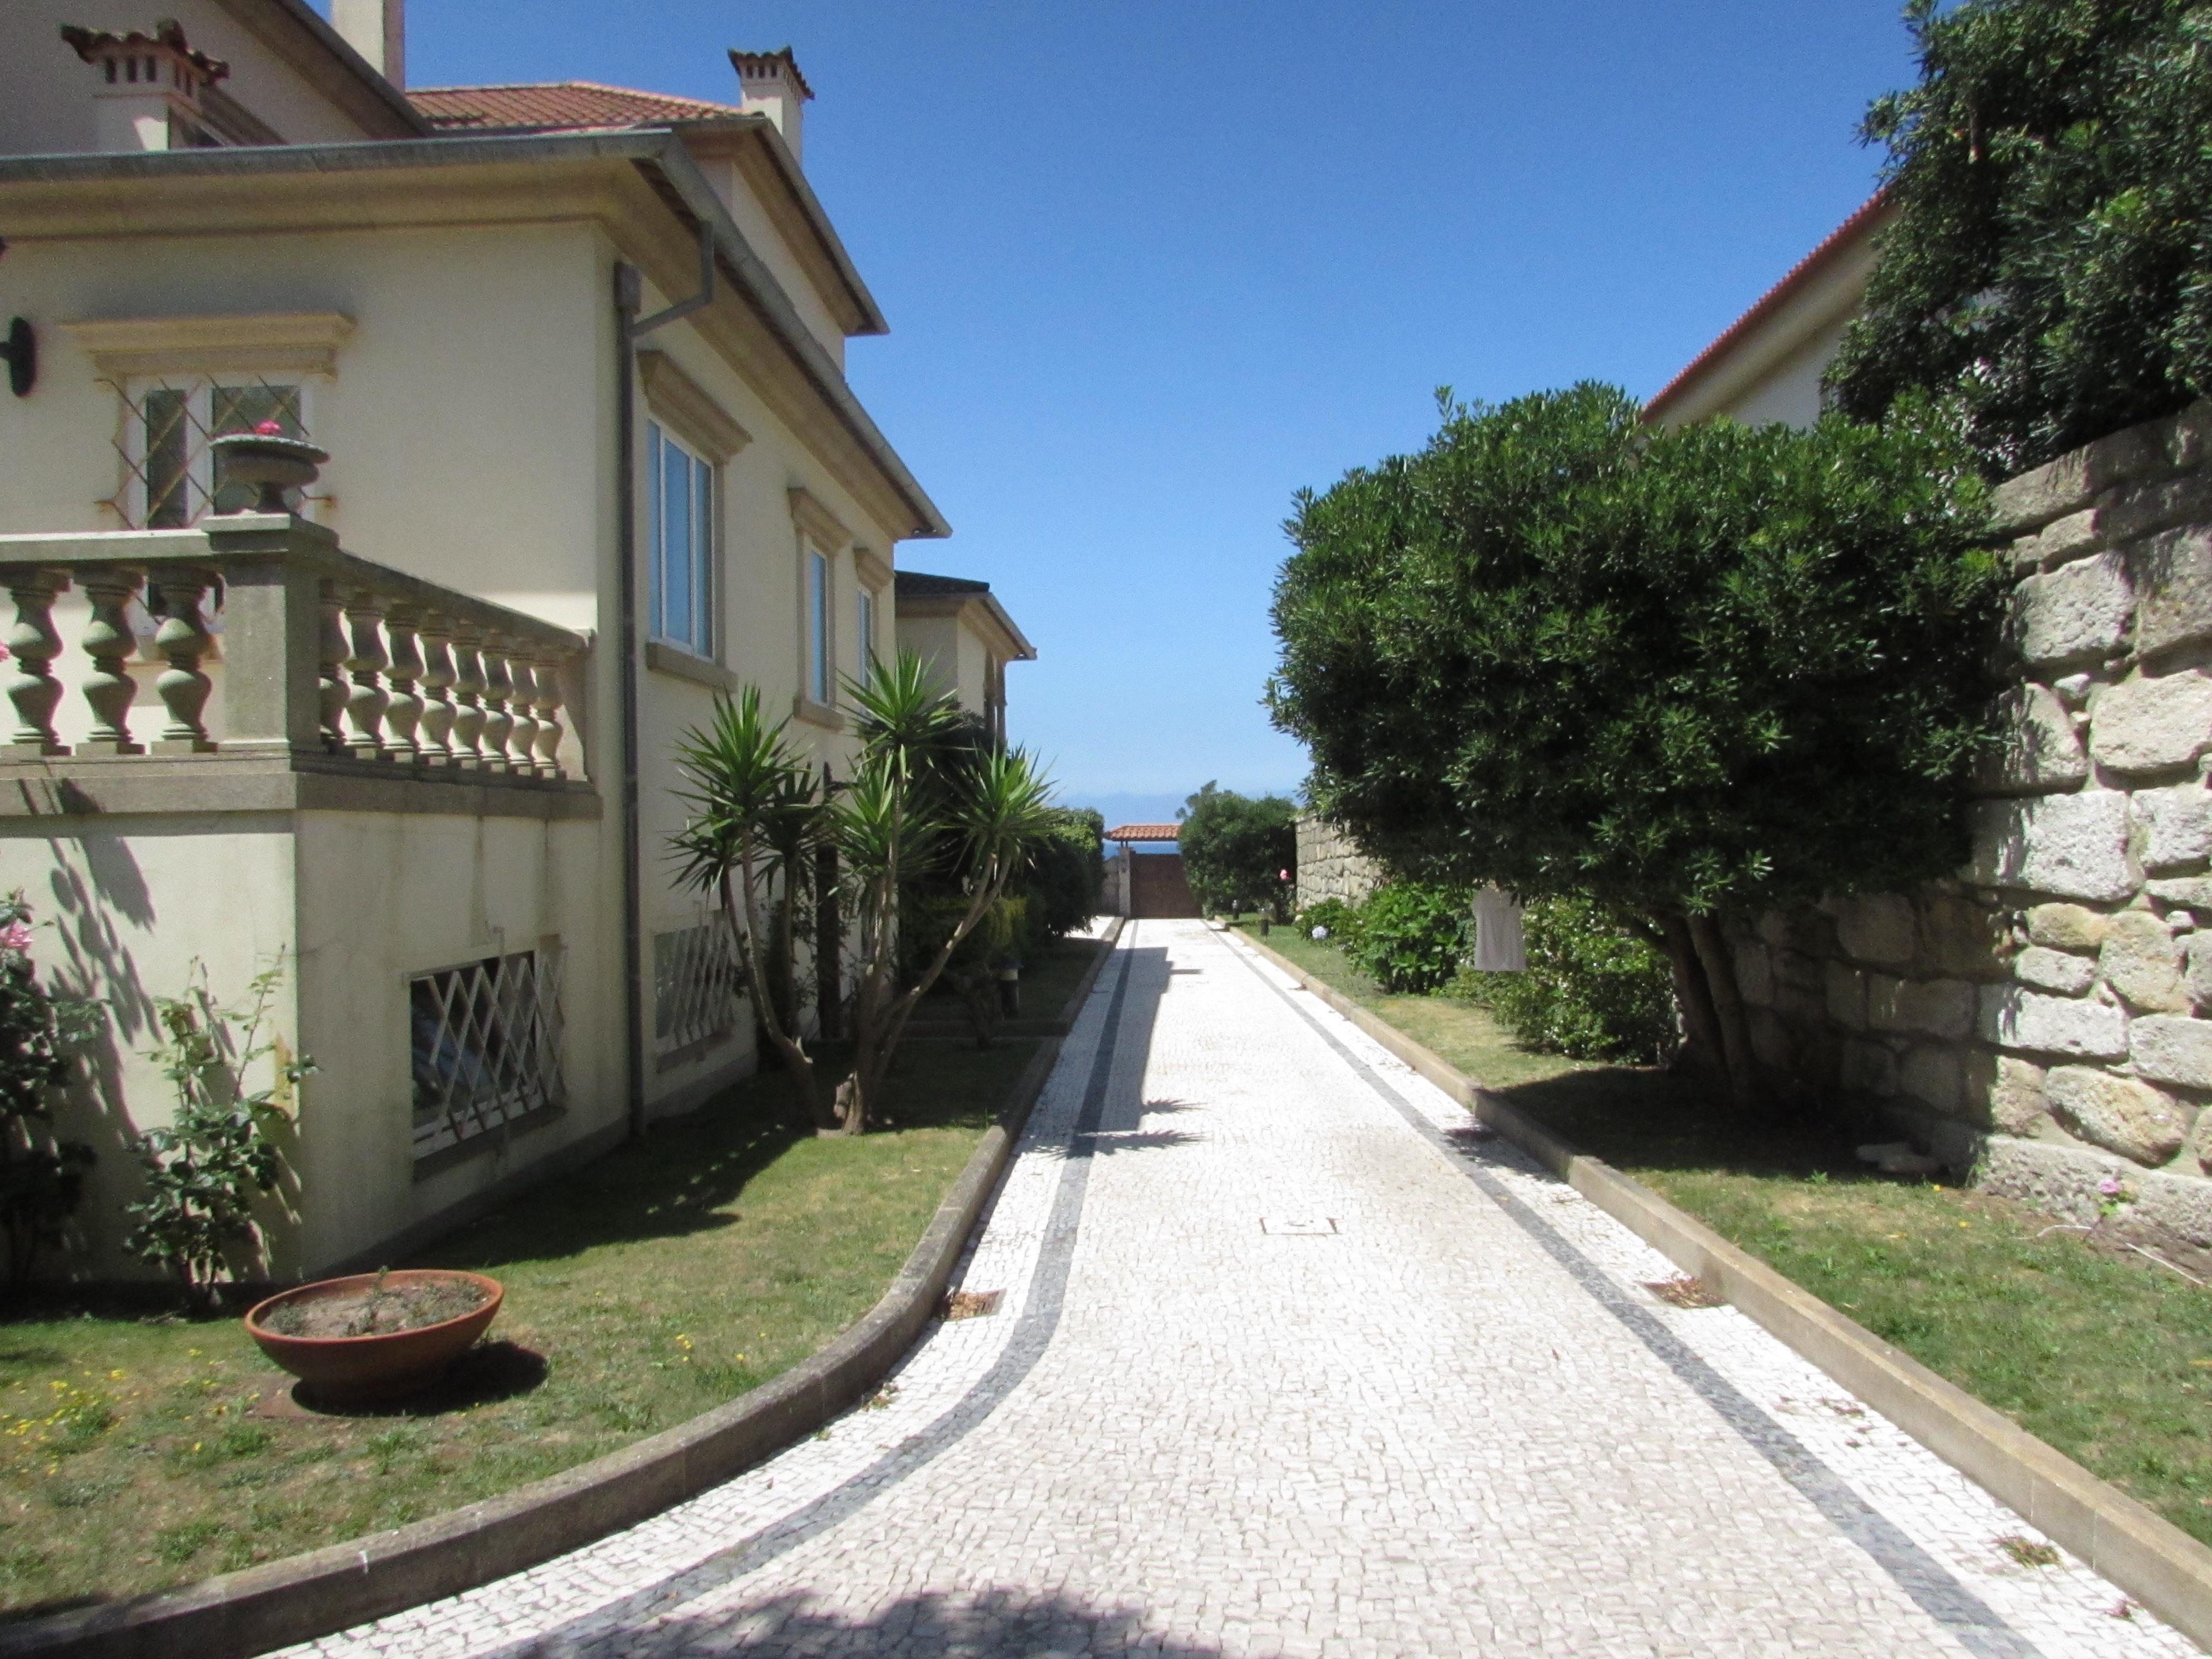 단독 가정 주택 용 매매 에 House, 9 bedrooms, for Sale Porto, 포트토, 4150-516 포르투갈